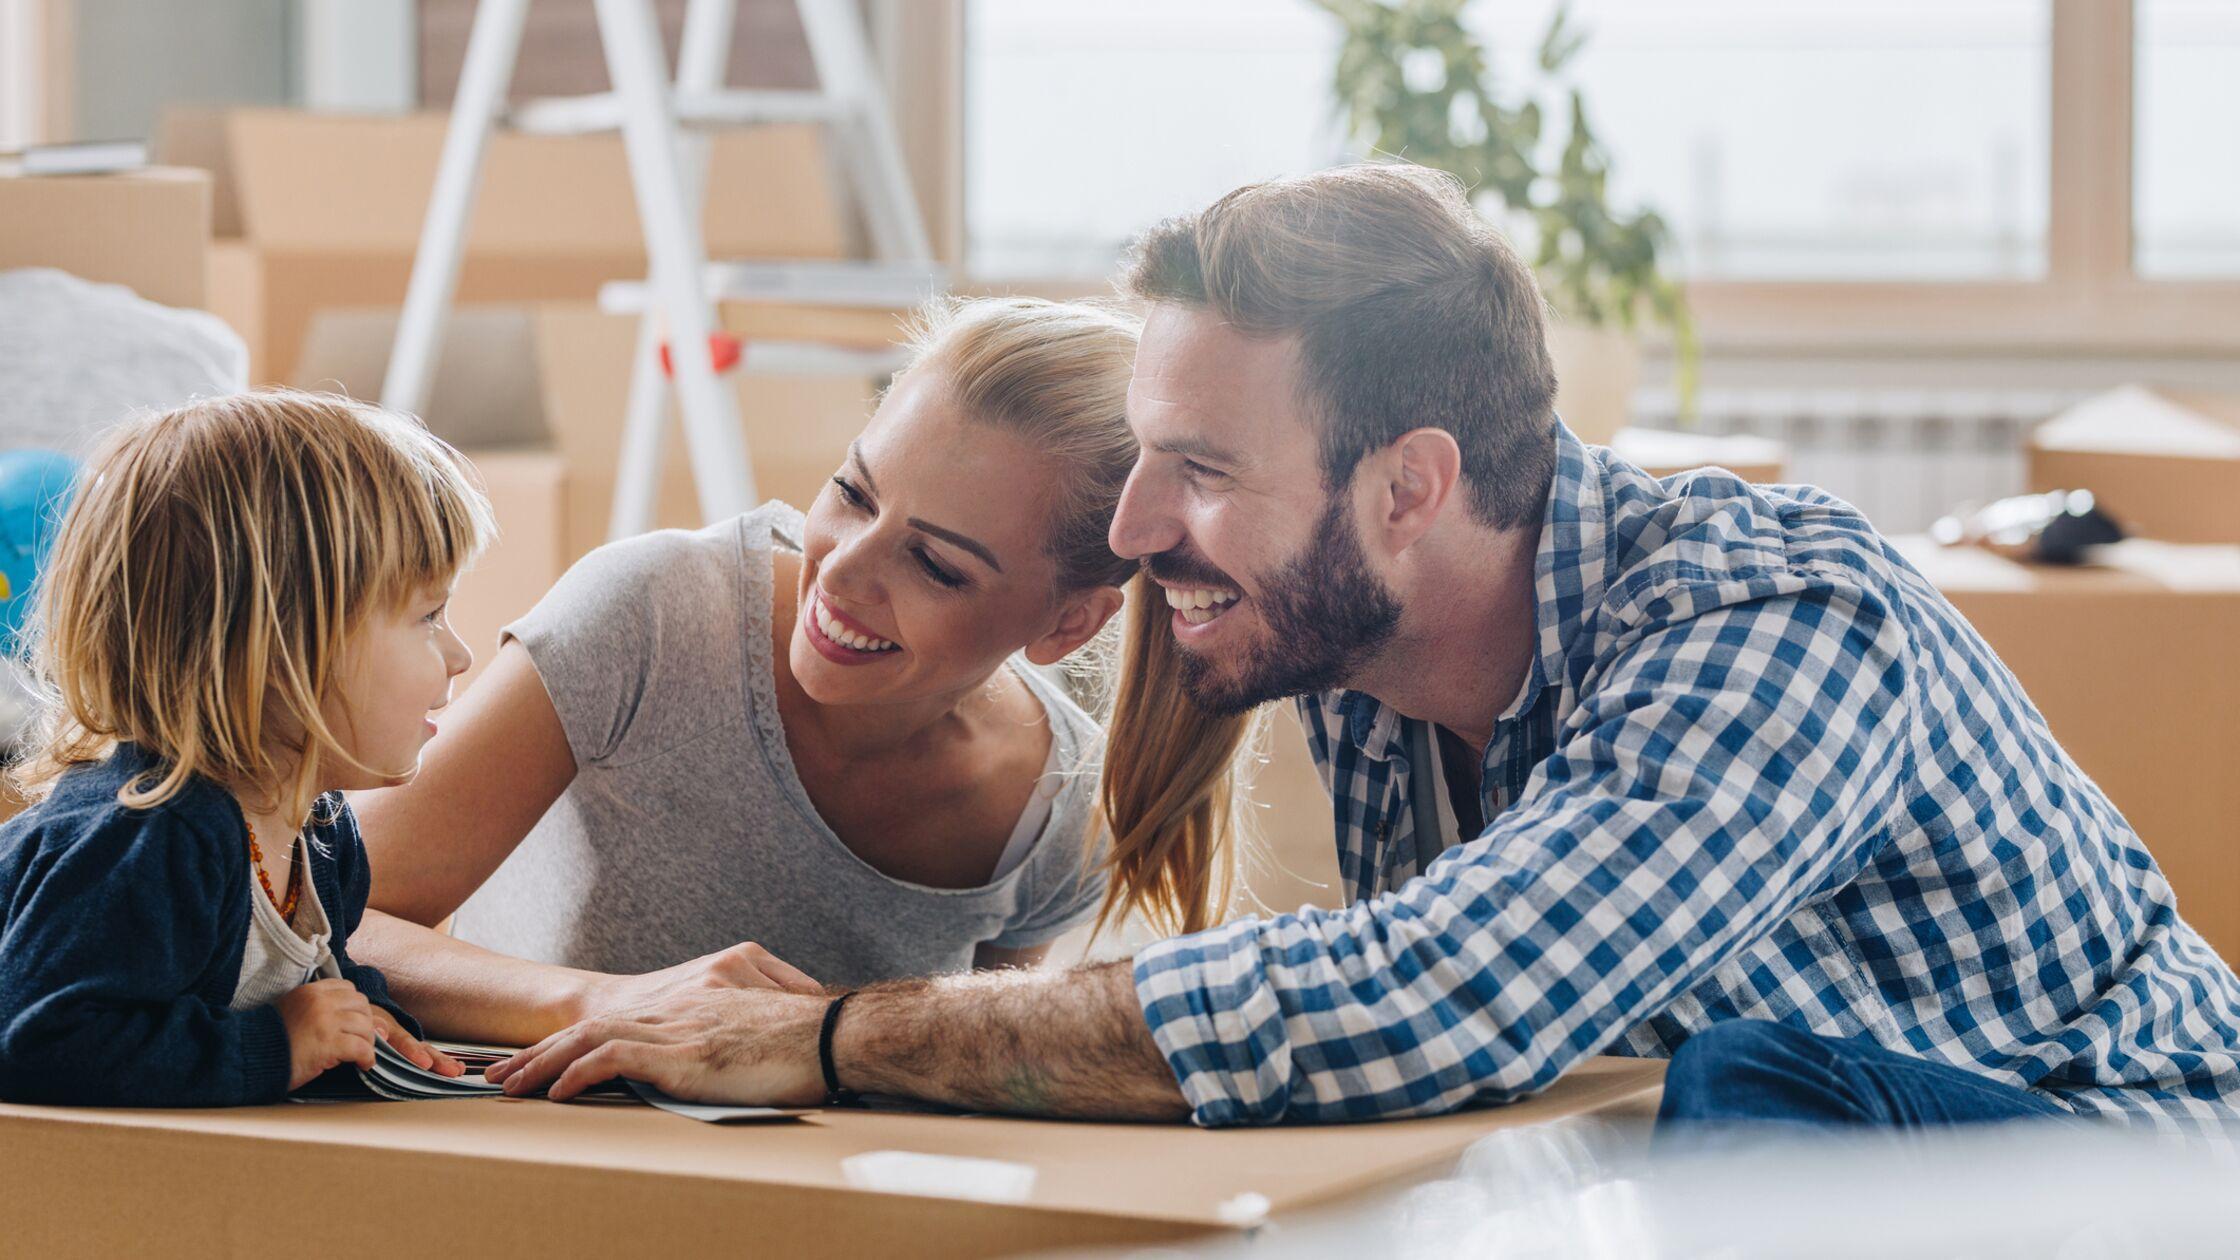 Wohnsitz anmelden: Kosten, Fristen, Unterlagen